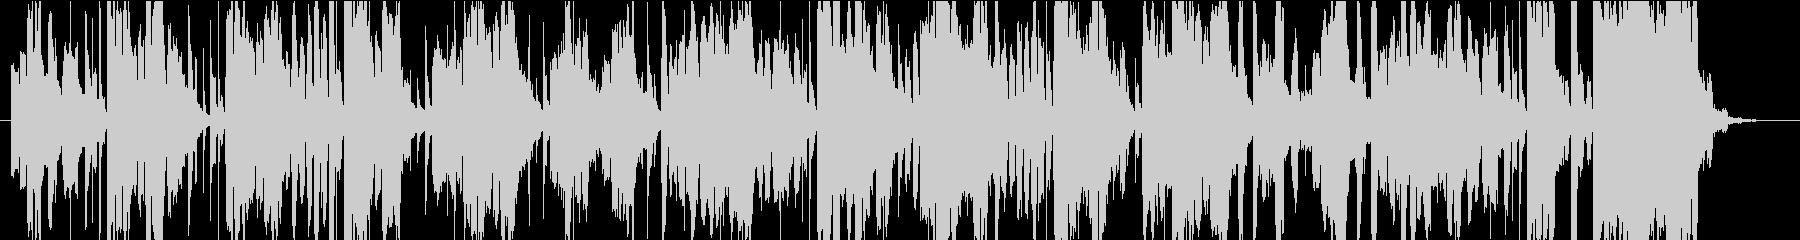 60秒CM ワクワクする事をコソコソと の未再生の波形